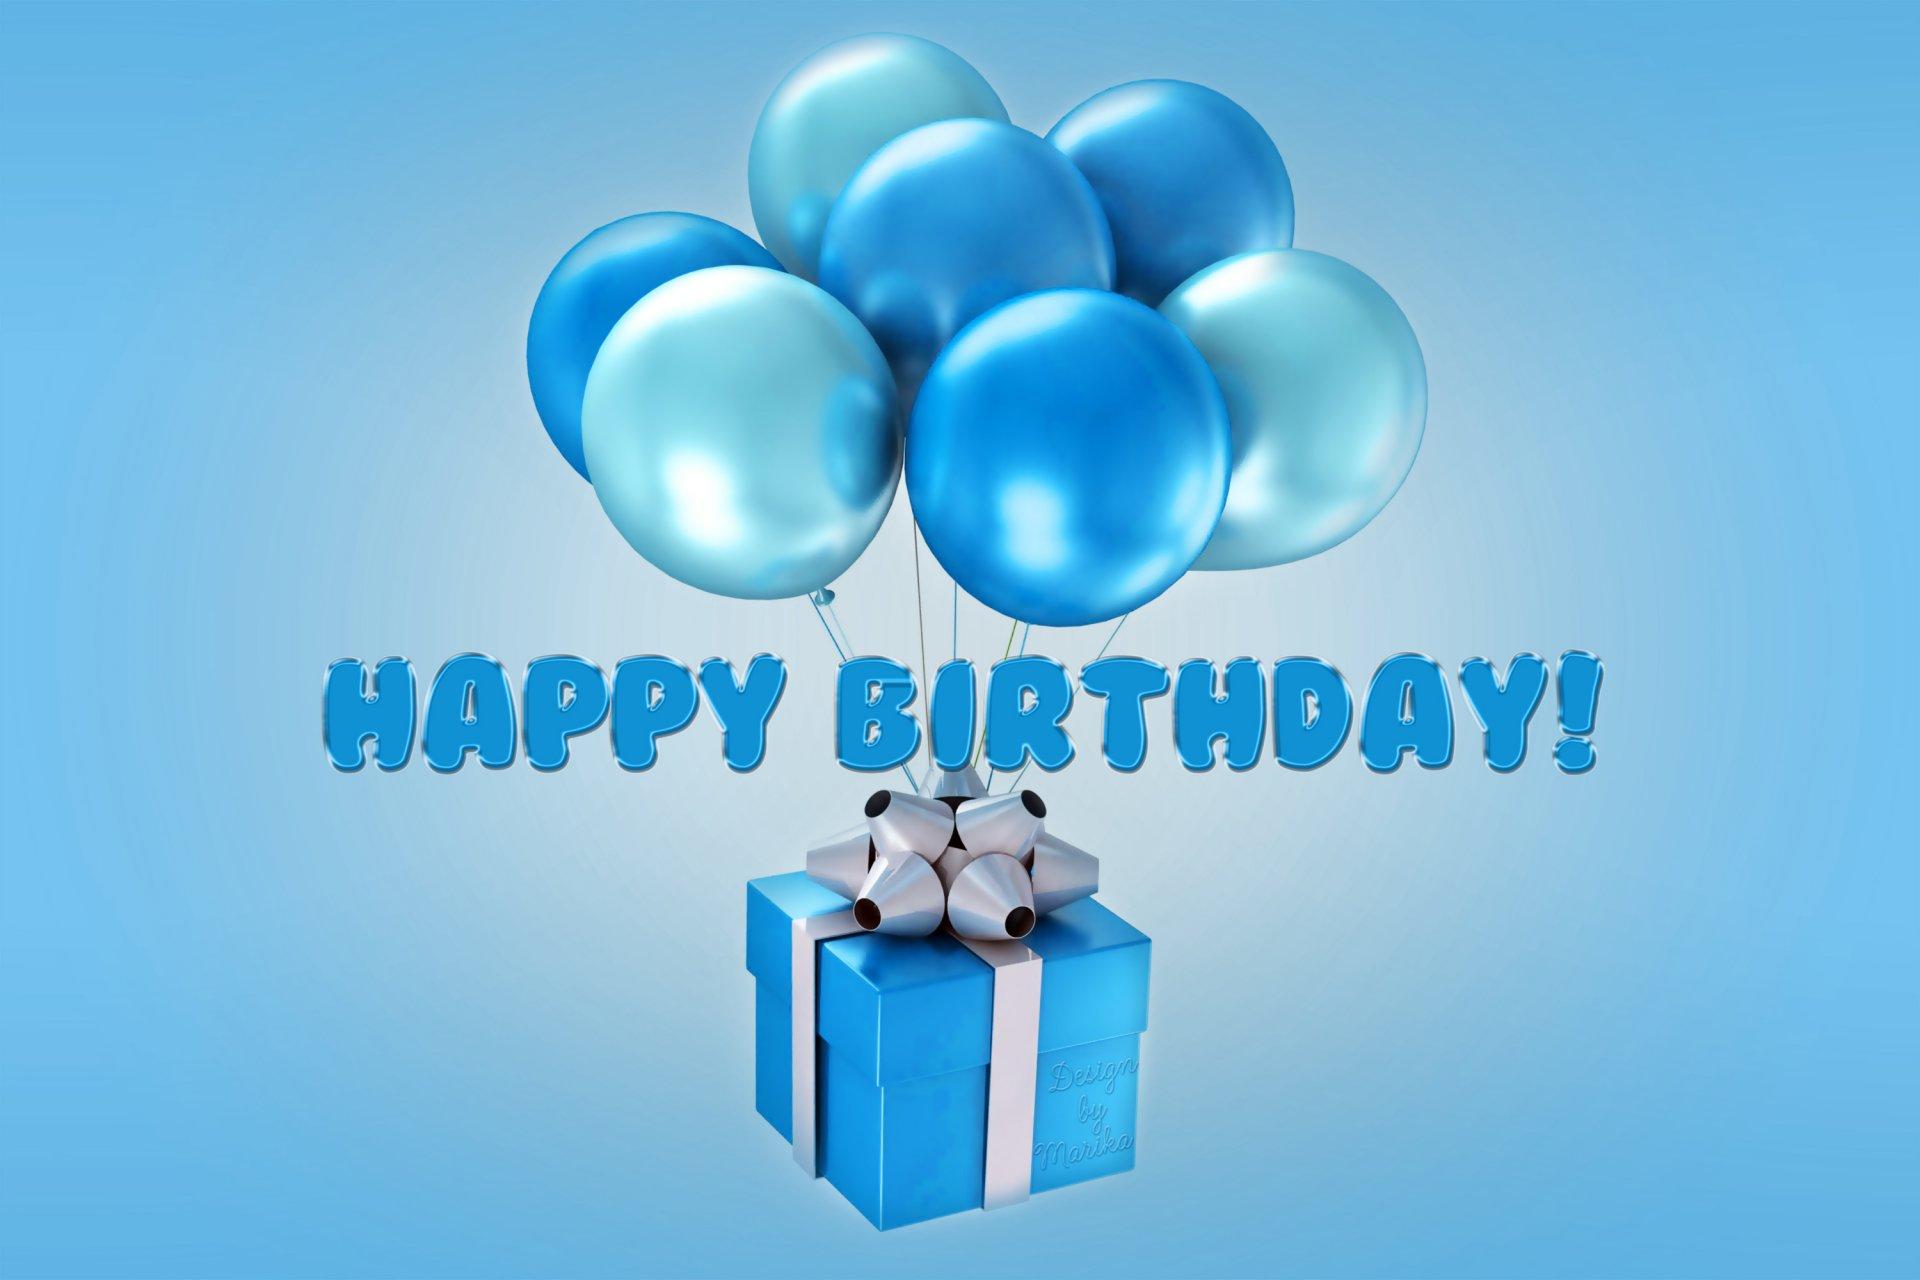 Поздравление с днем рождения голубеводу